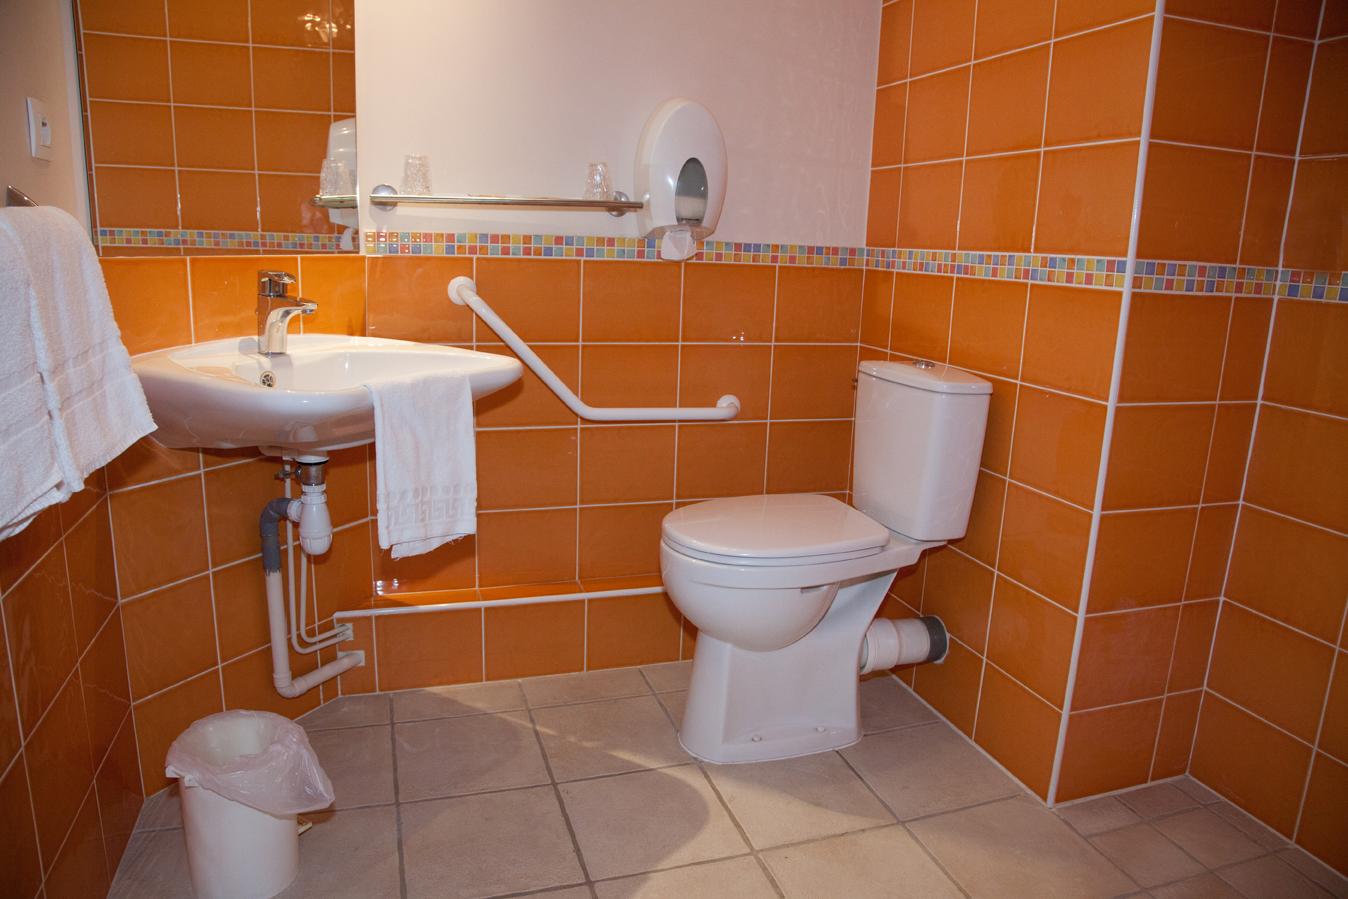 Chambre d'hôtel accessible aux personnes à mobilité réduite, salle de bain handicap